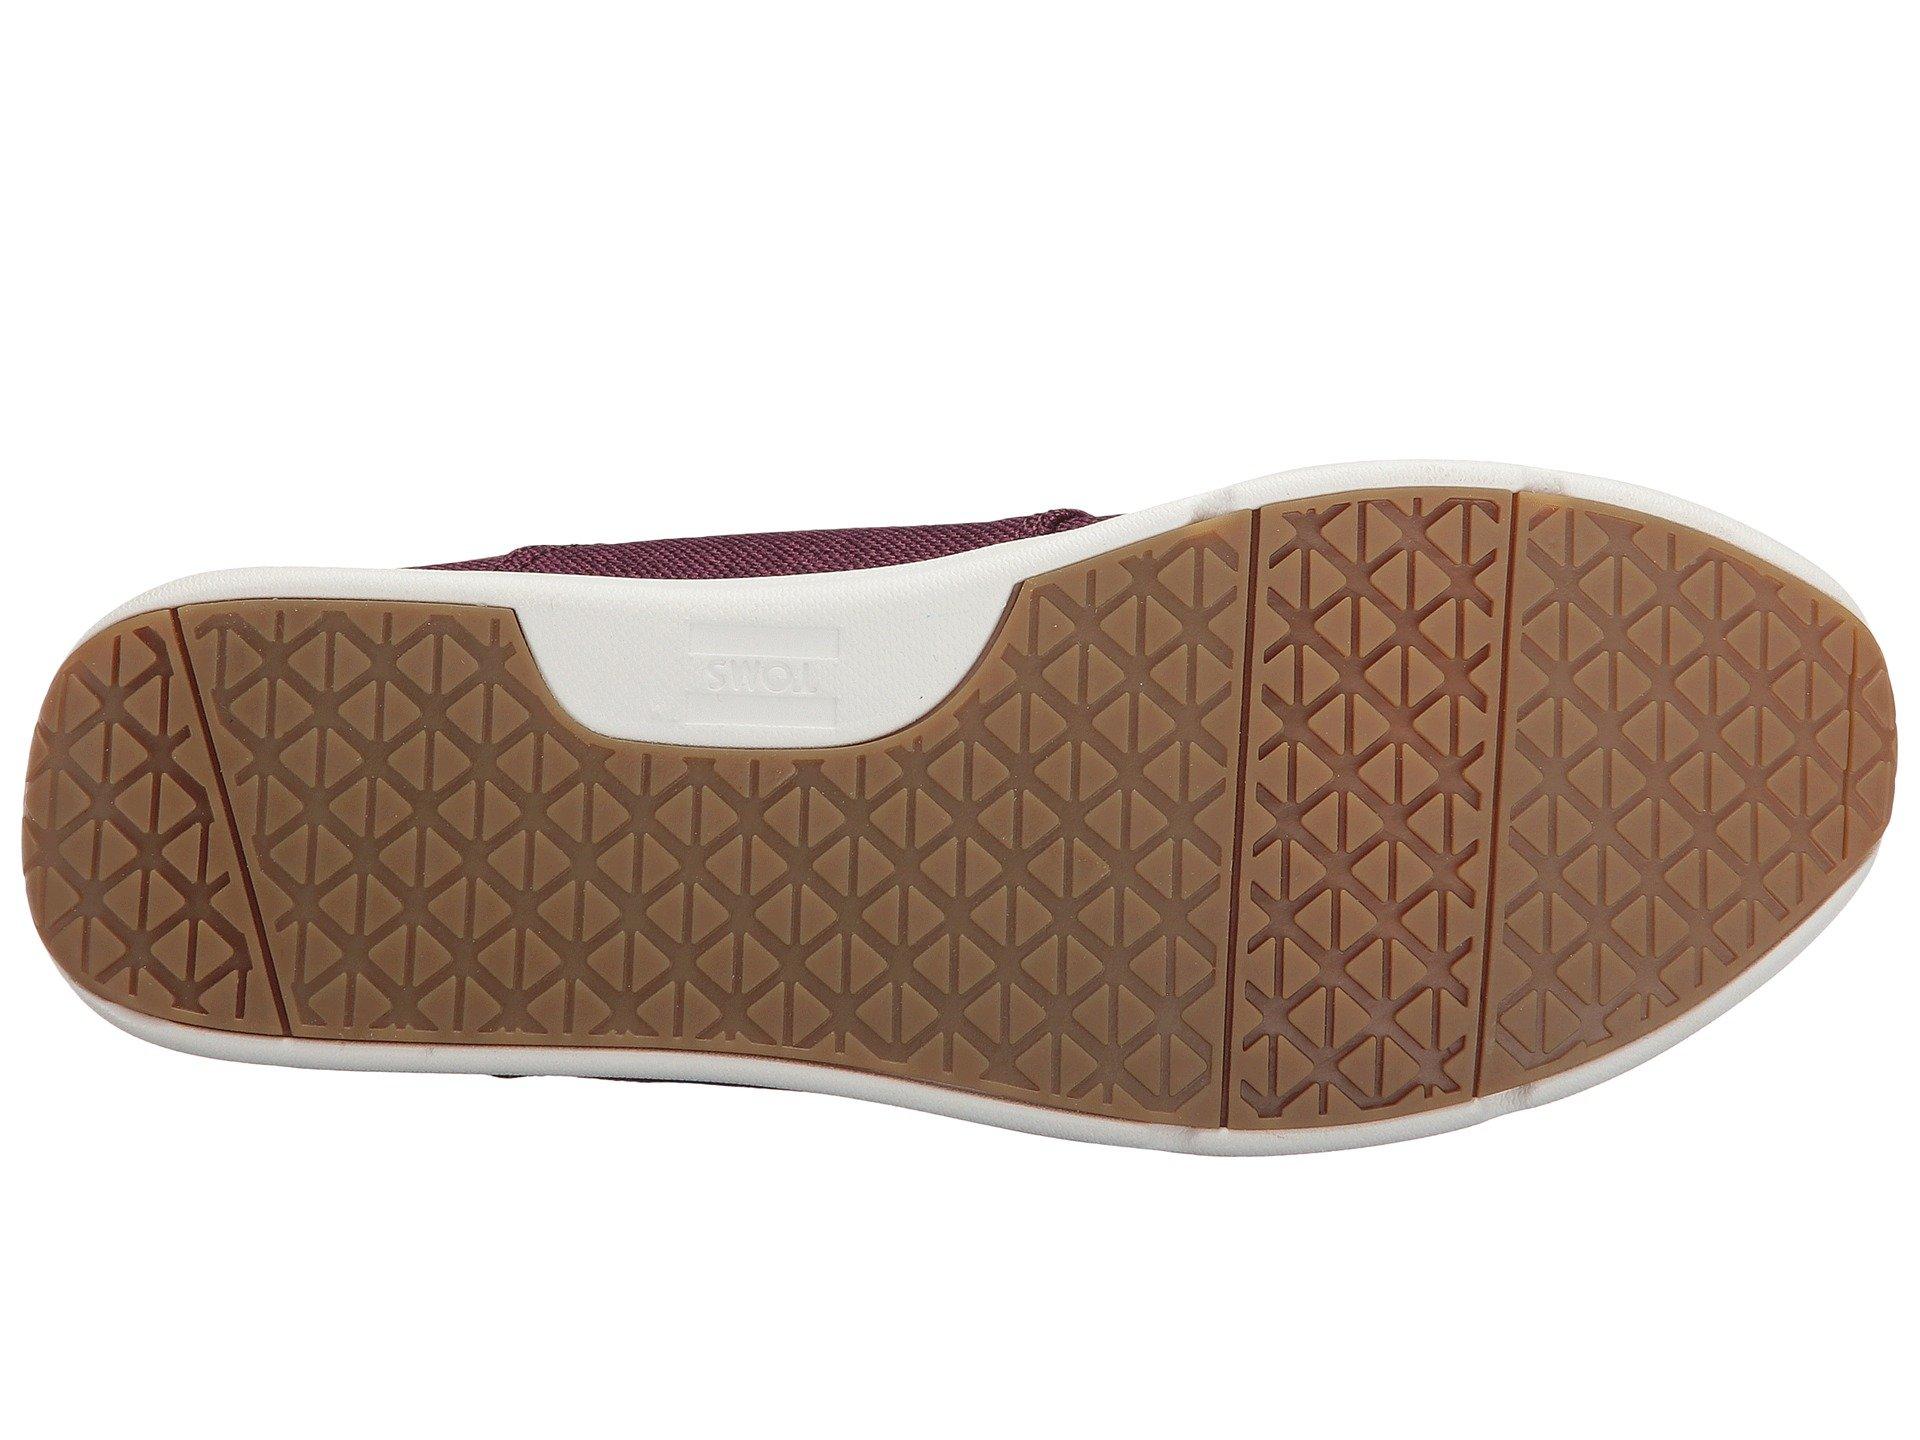 Toms Shoes Dr Grey Washed Men